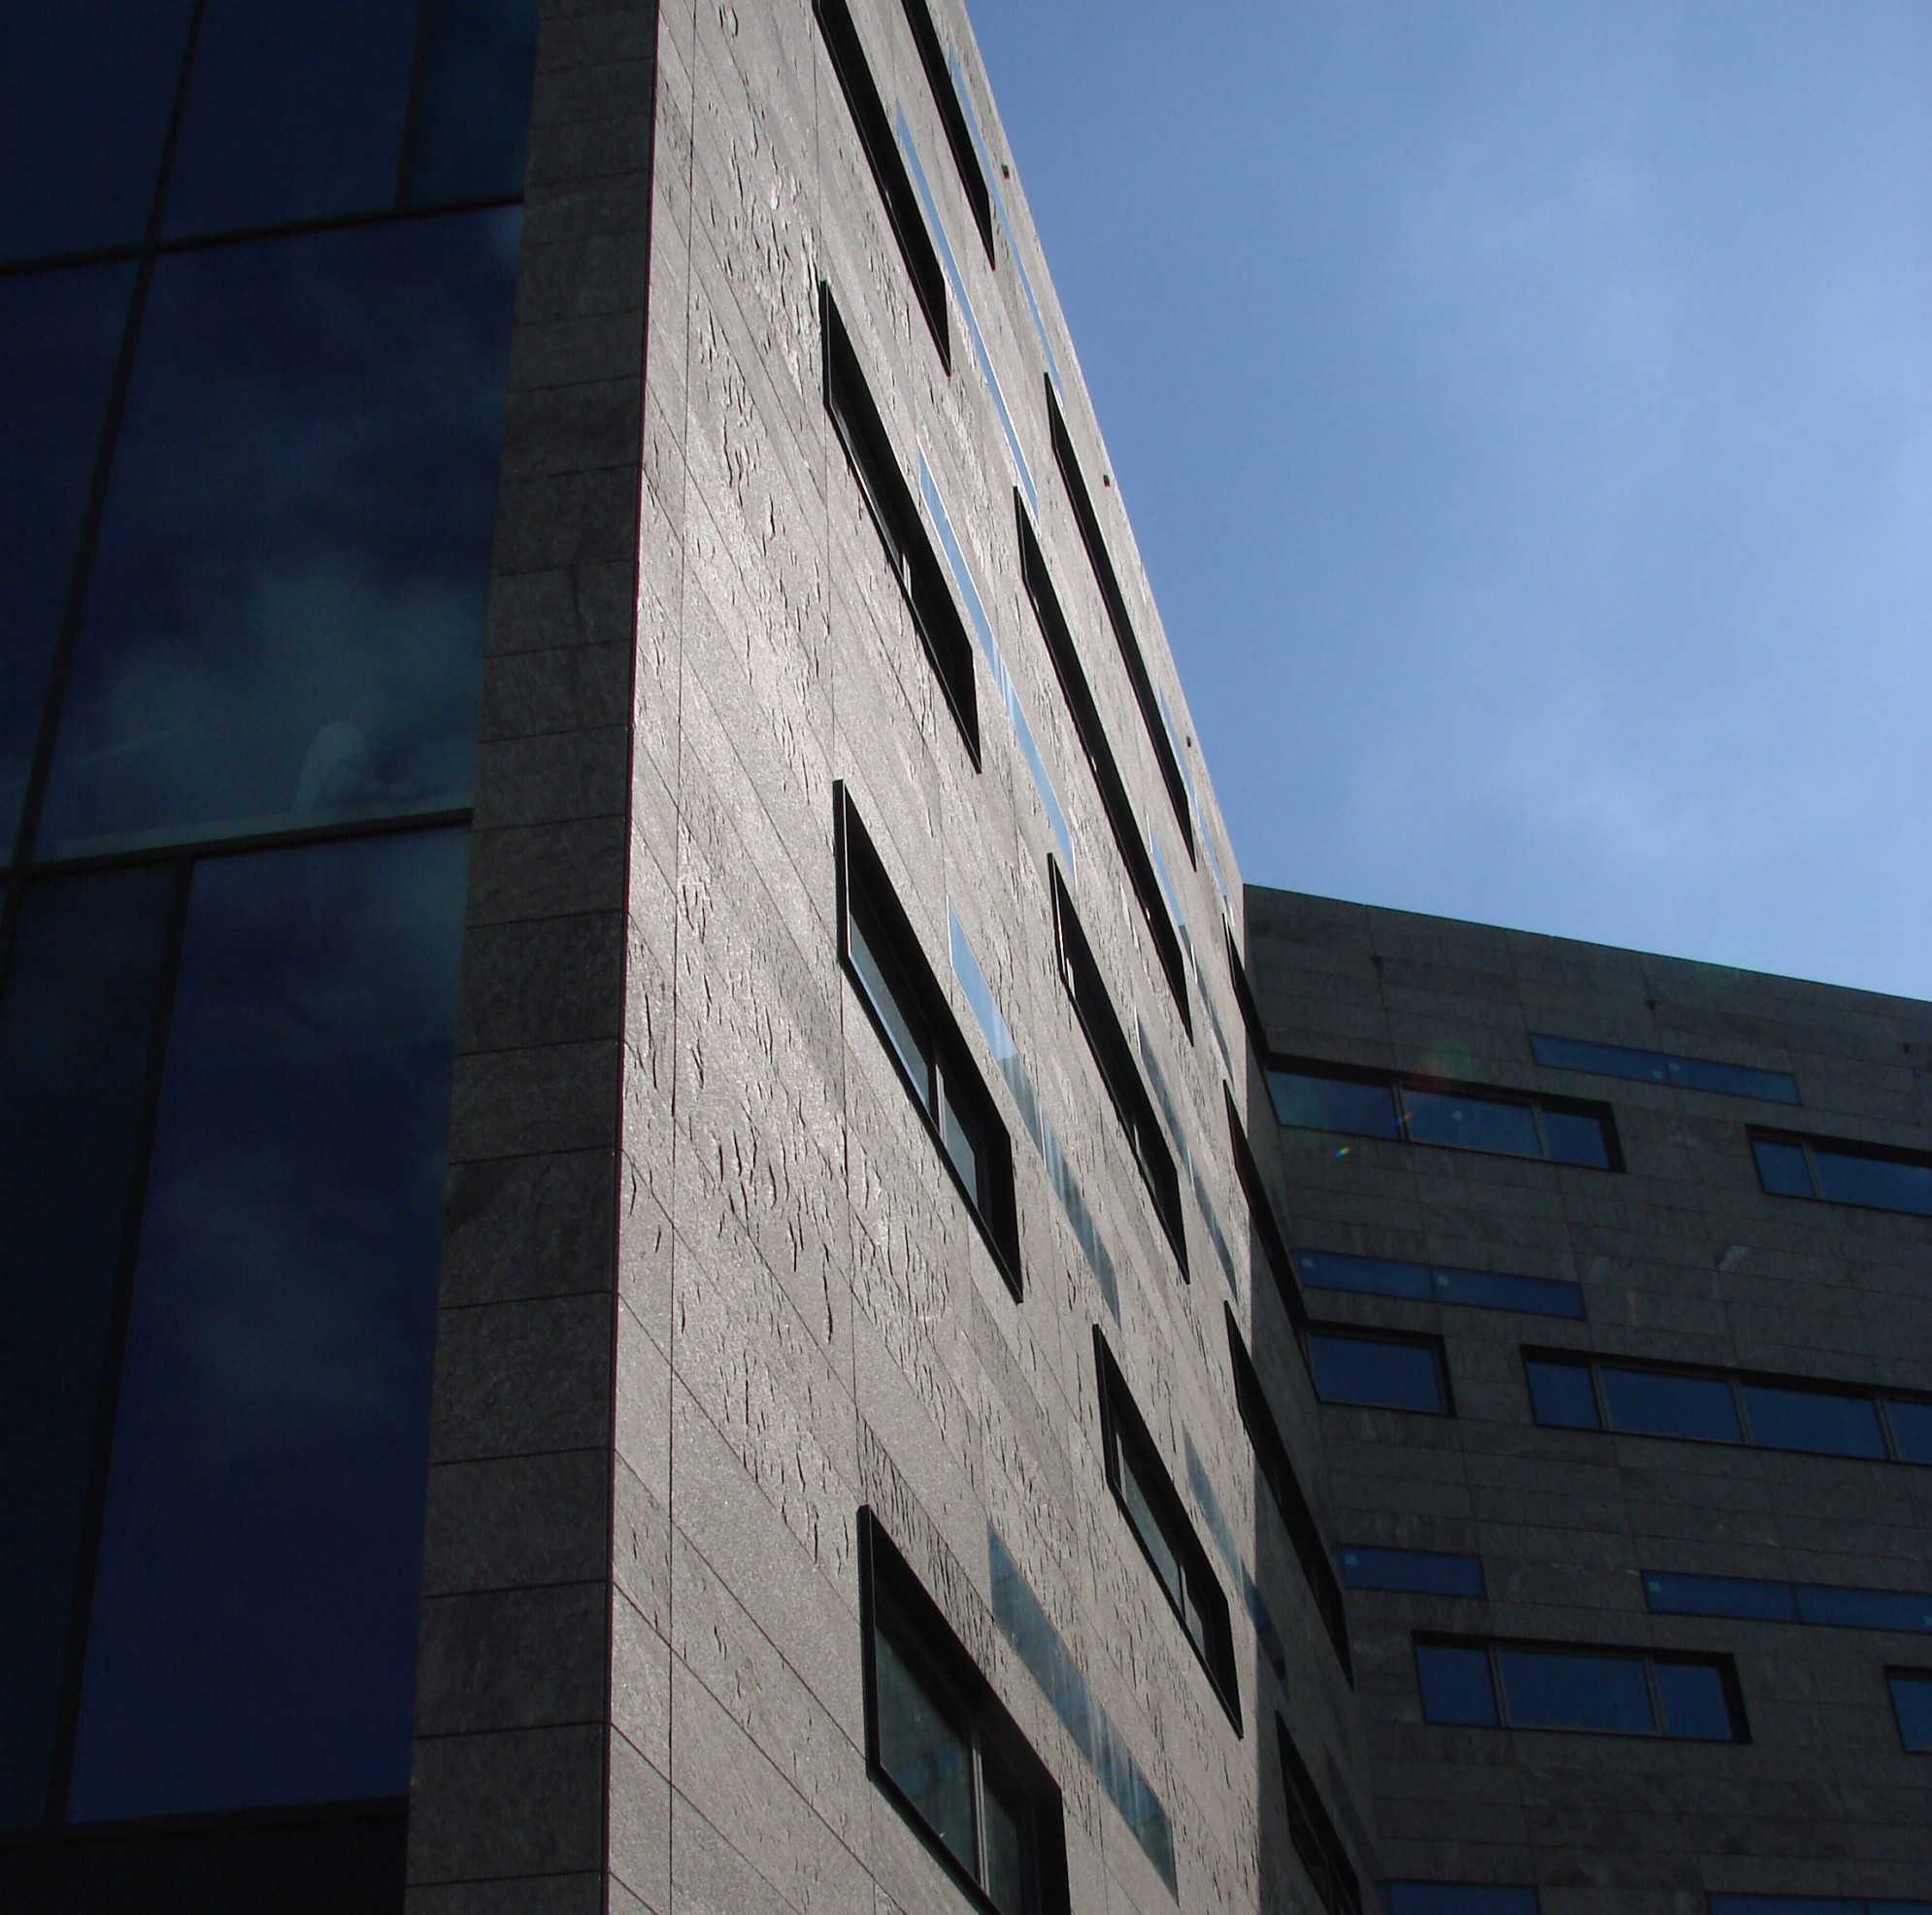 Prospettiva esterno di un edificio in marmo (Marmi Valmalenco)